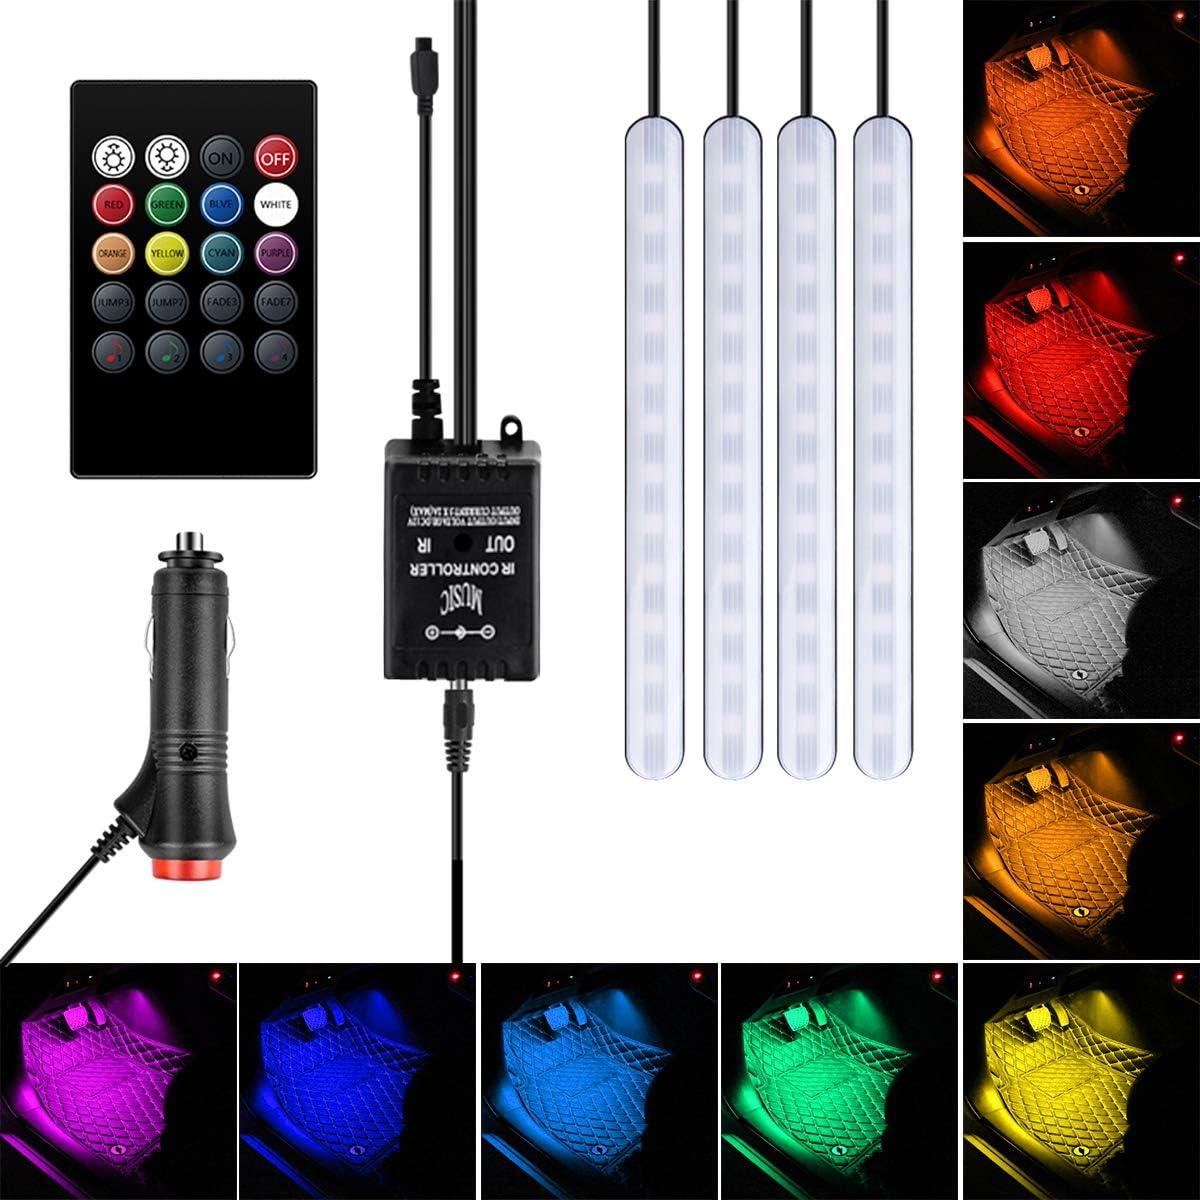 Chargeur USB Lot de 4 bandes lumineuses /à LED pour int/érieur de voiture Avec fonction sonore active T/él/écommande sans fil Multicolore